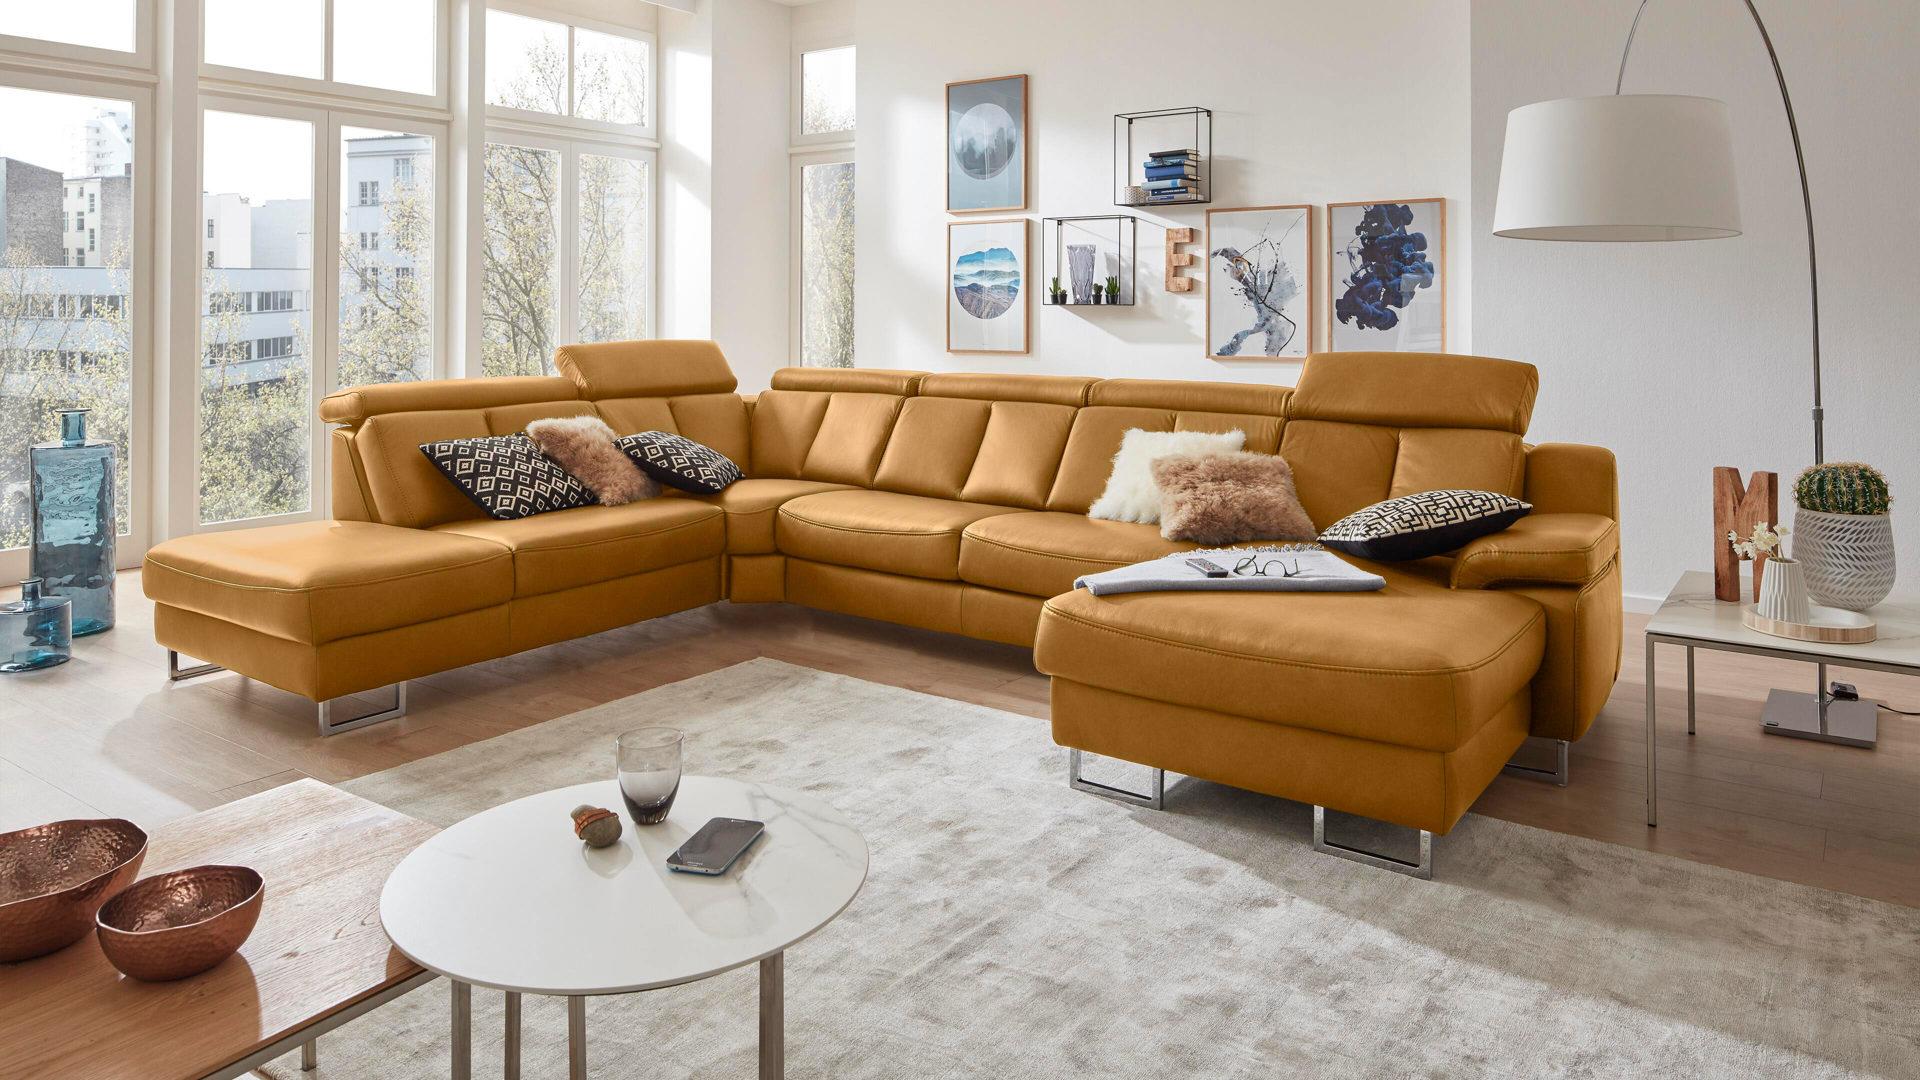 mobel boer coesfeld mobel boer interliving interliving sofa serie 4050 wohnlandschaft kurkumafarbenes longlife leder cloudy chromfusse stellflache